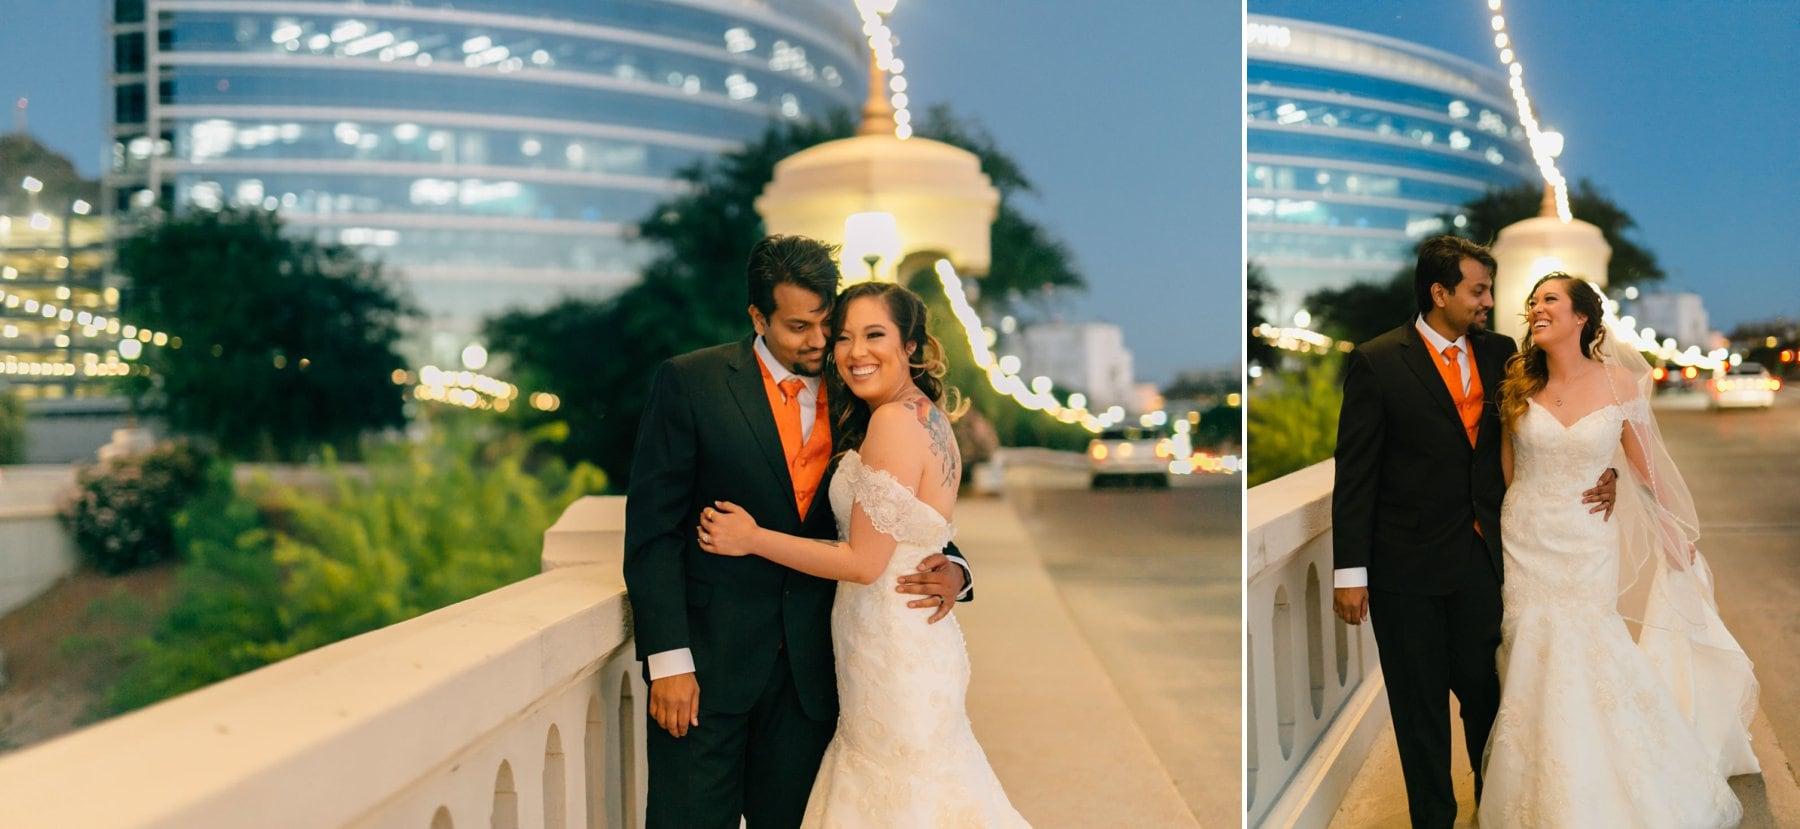 Tempe Town Lake wedding photos at night